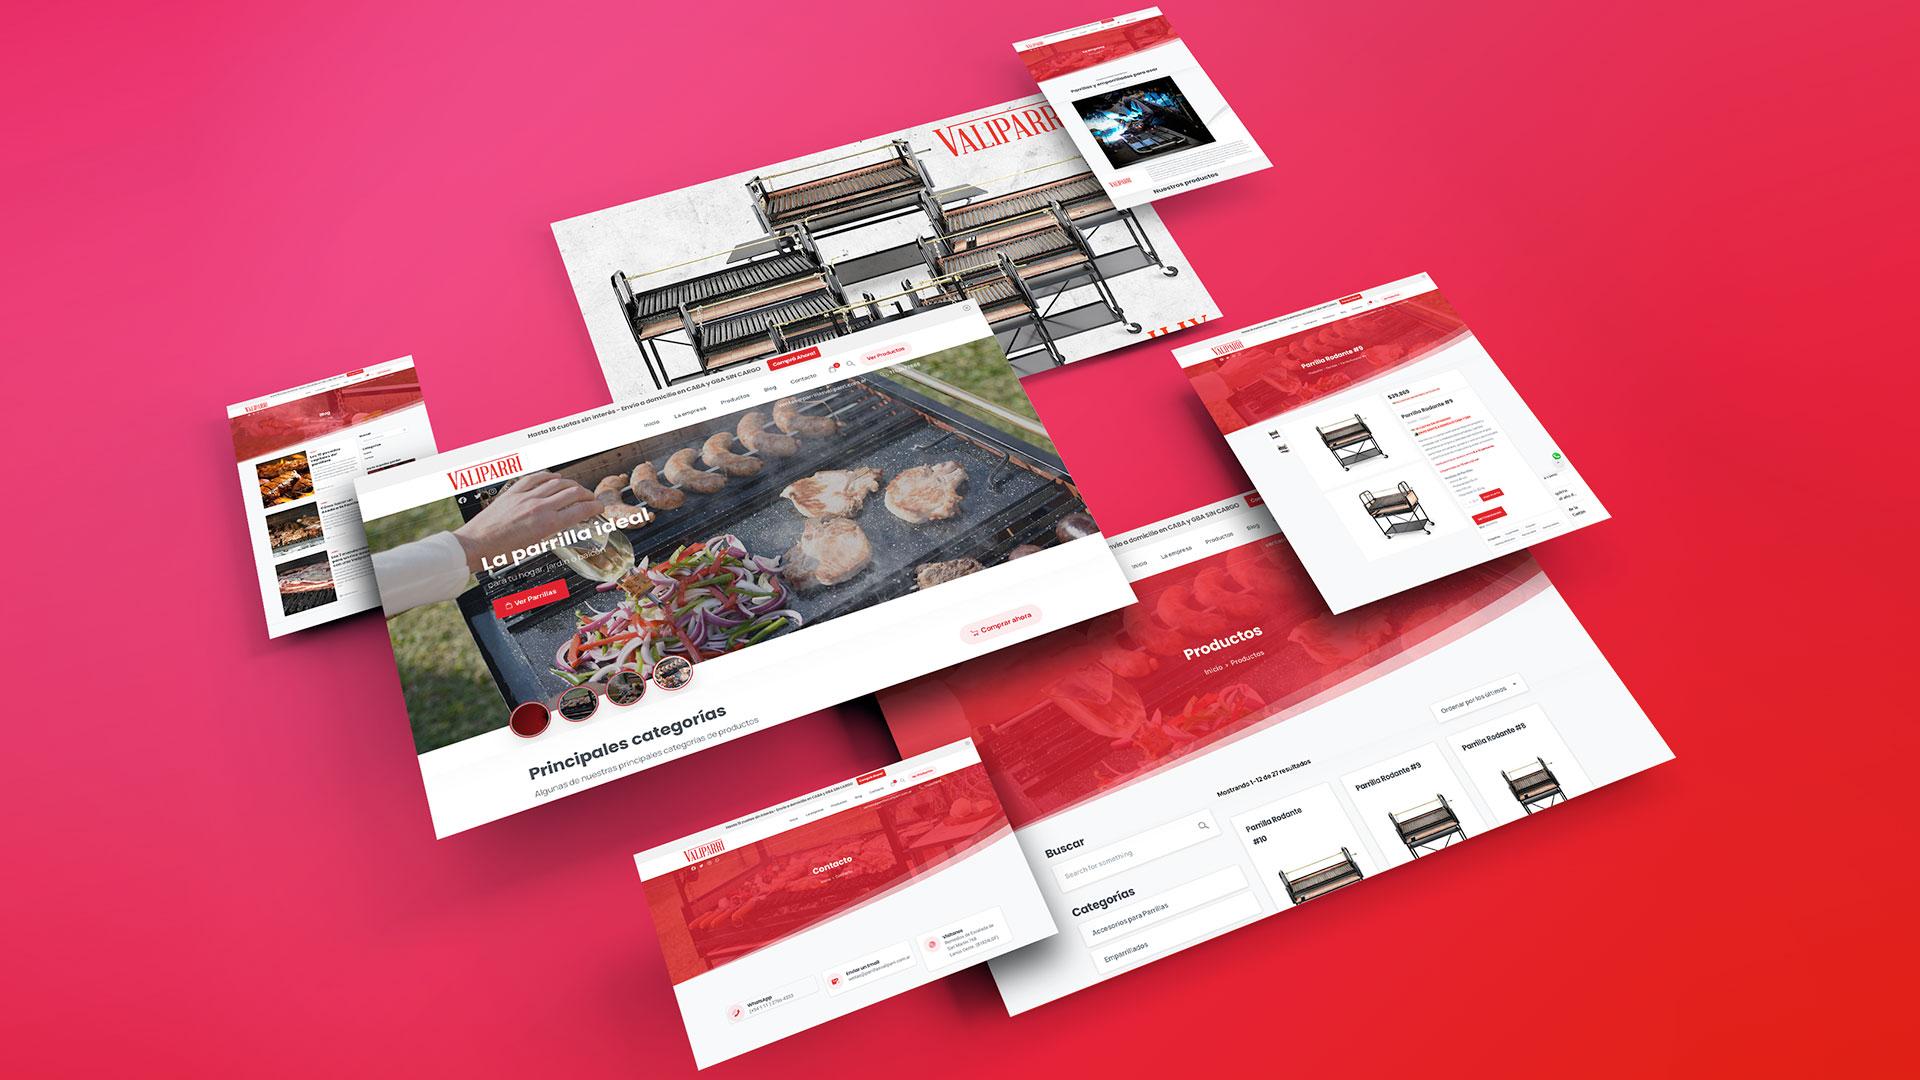 Desarrollo de Sitio web Parrillas Valiparri